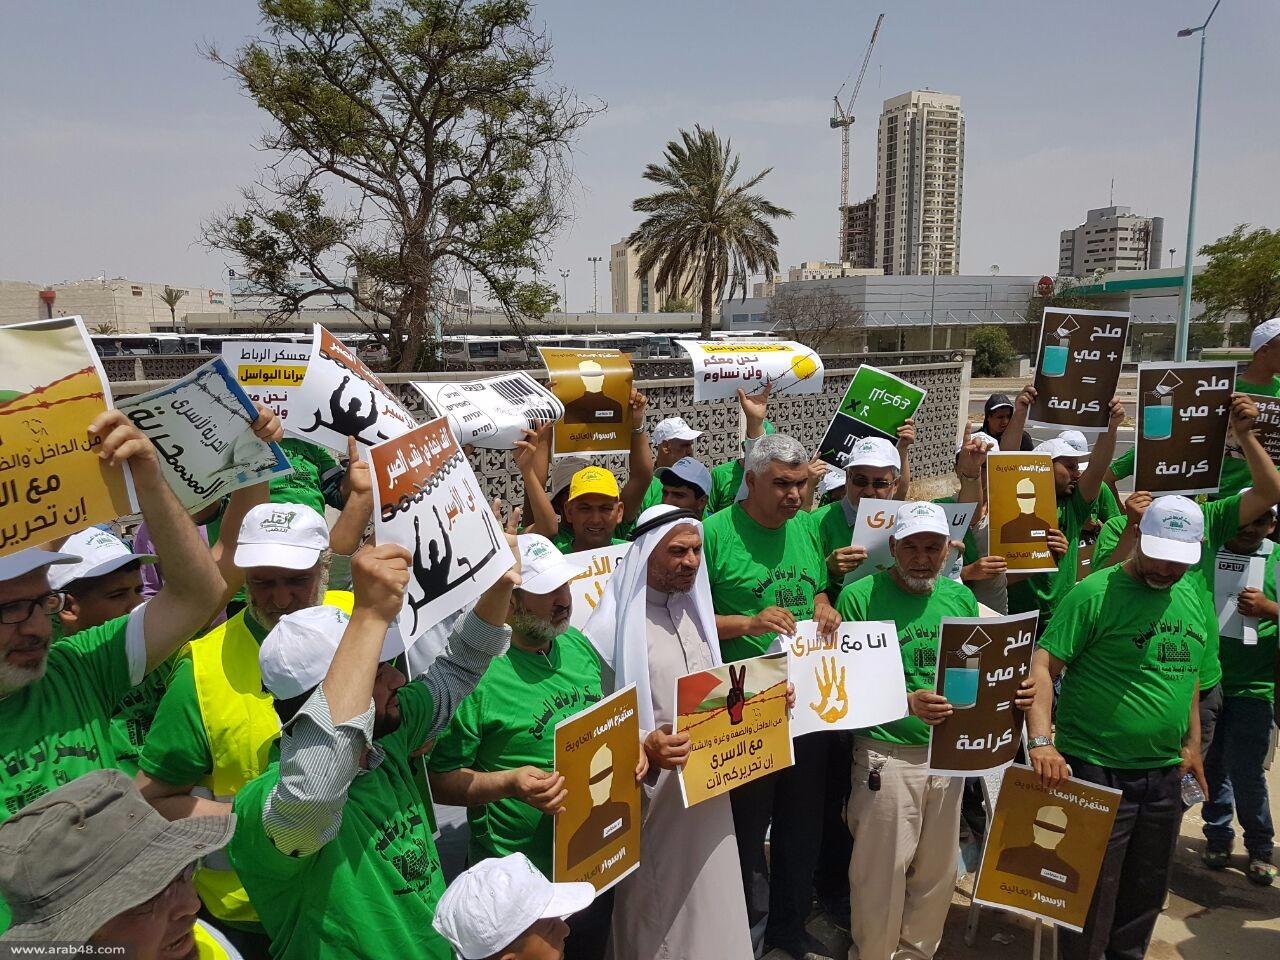 بئر السبع: وقفة تضامن مع الأسرى المضربين عن الطعام